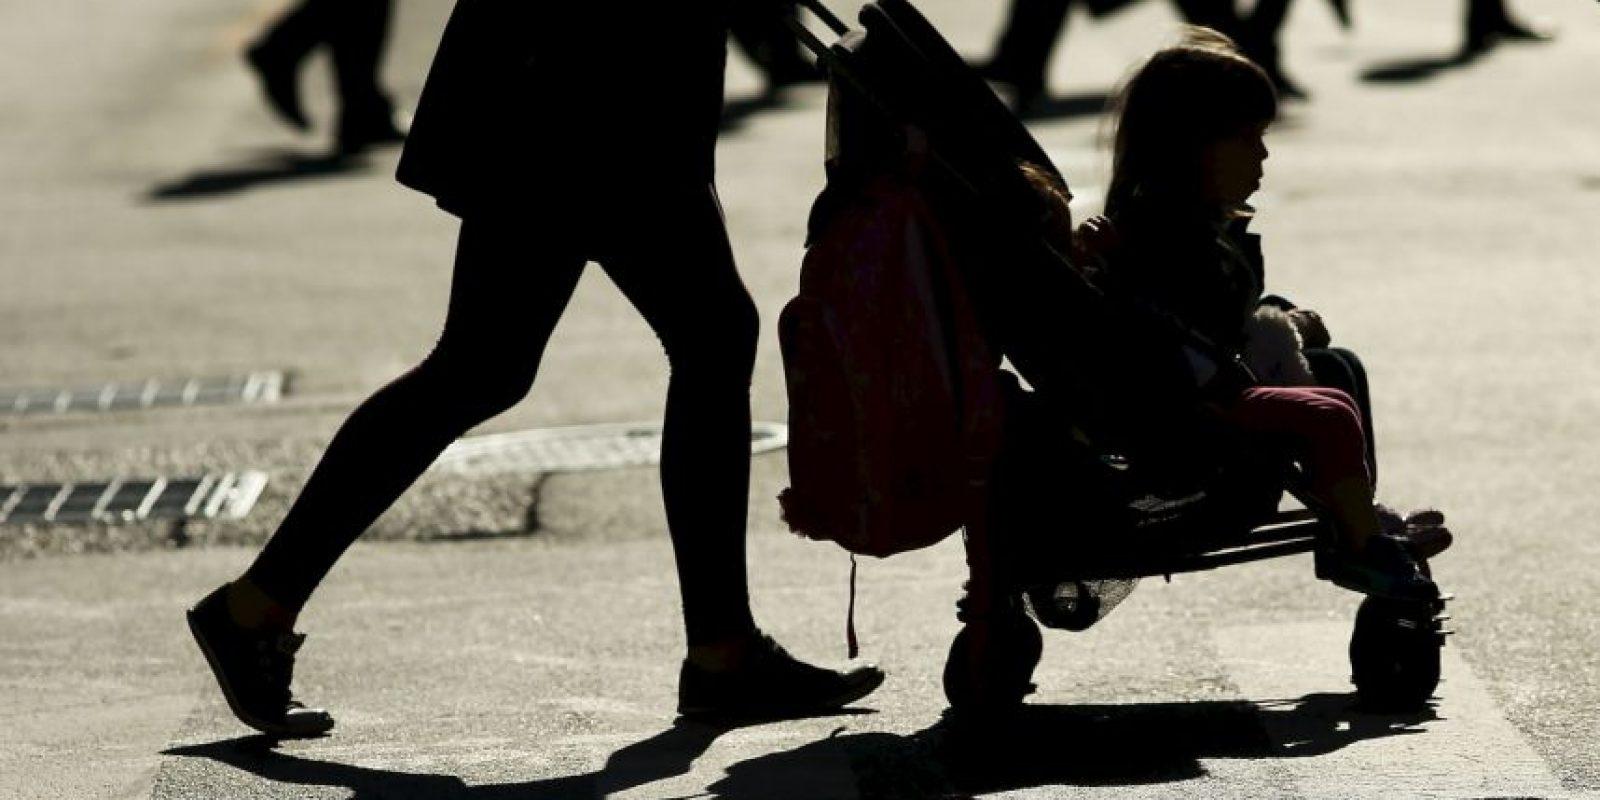 La especialista Lankila expuso que por supuesto que es probable encontrar personas con sobrepeso en las zonas urbanas. Sin embargo, existen relativamente más casos en zonas rurales en Finlandia. Foto:Getty Images